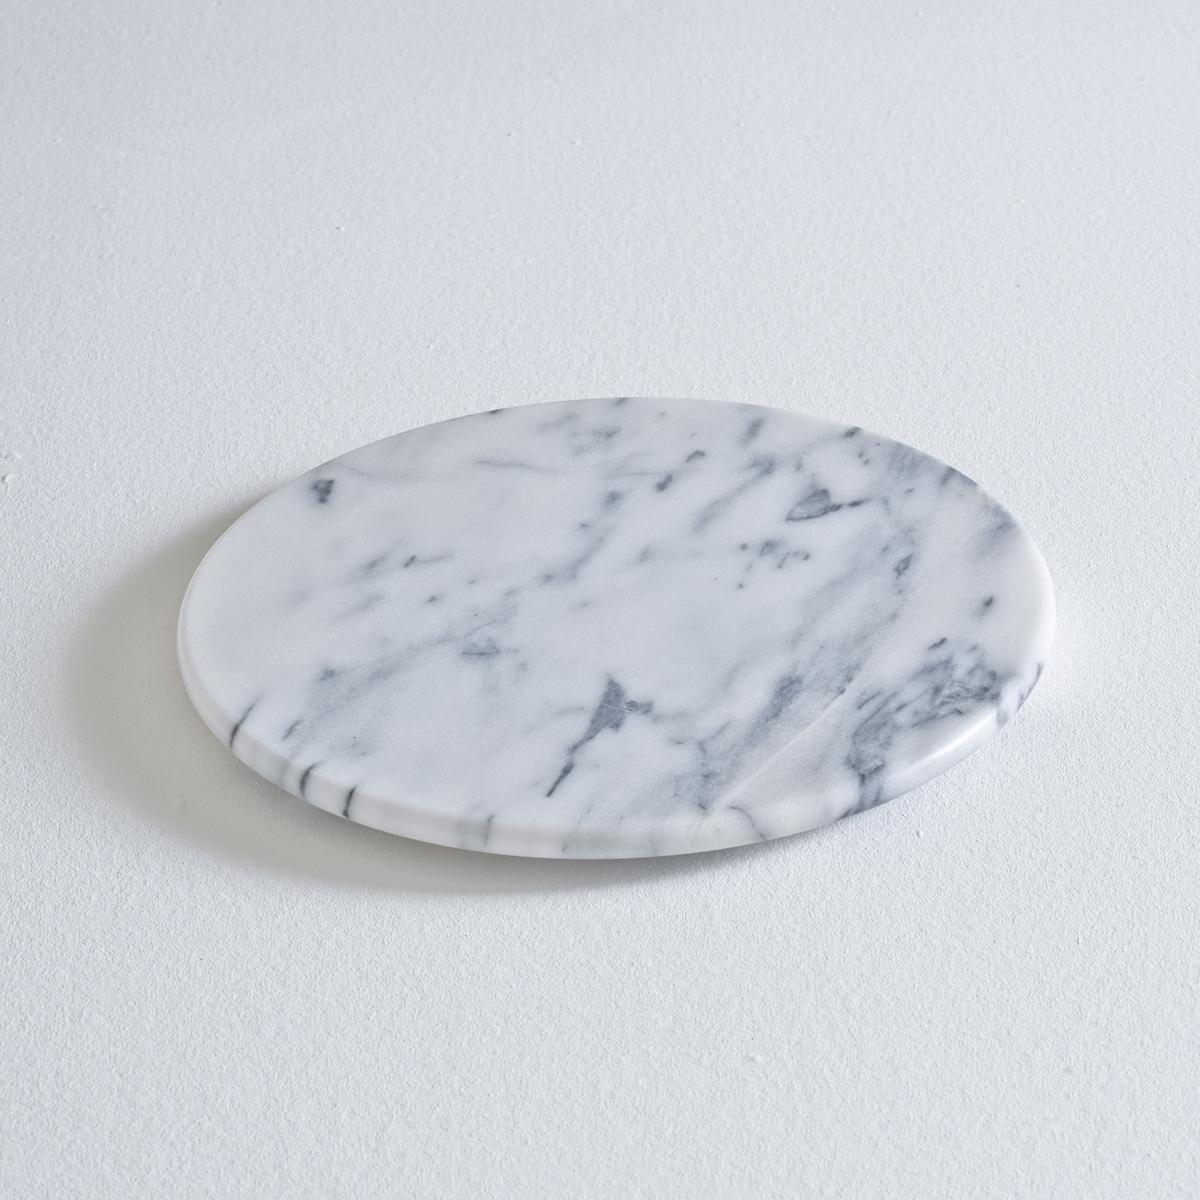 Поднос круглый из мрамораПоднос круглый из мрамора. Очень практичный и по-настоящему шикарный предмет декора! Подходит, в частности, для подачи закусок или сервировки сыра. Характеристики мраморного подноса:- Выполнен из сверхпрочного белого мрамора с серыми прожилкам.- Диаметр 30 x Высота 2 см.<br><br>Цвет: белый мрамор<br>Размер: единый размер